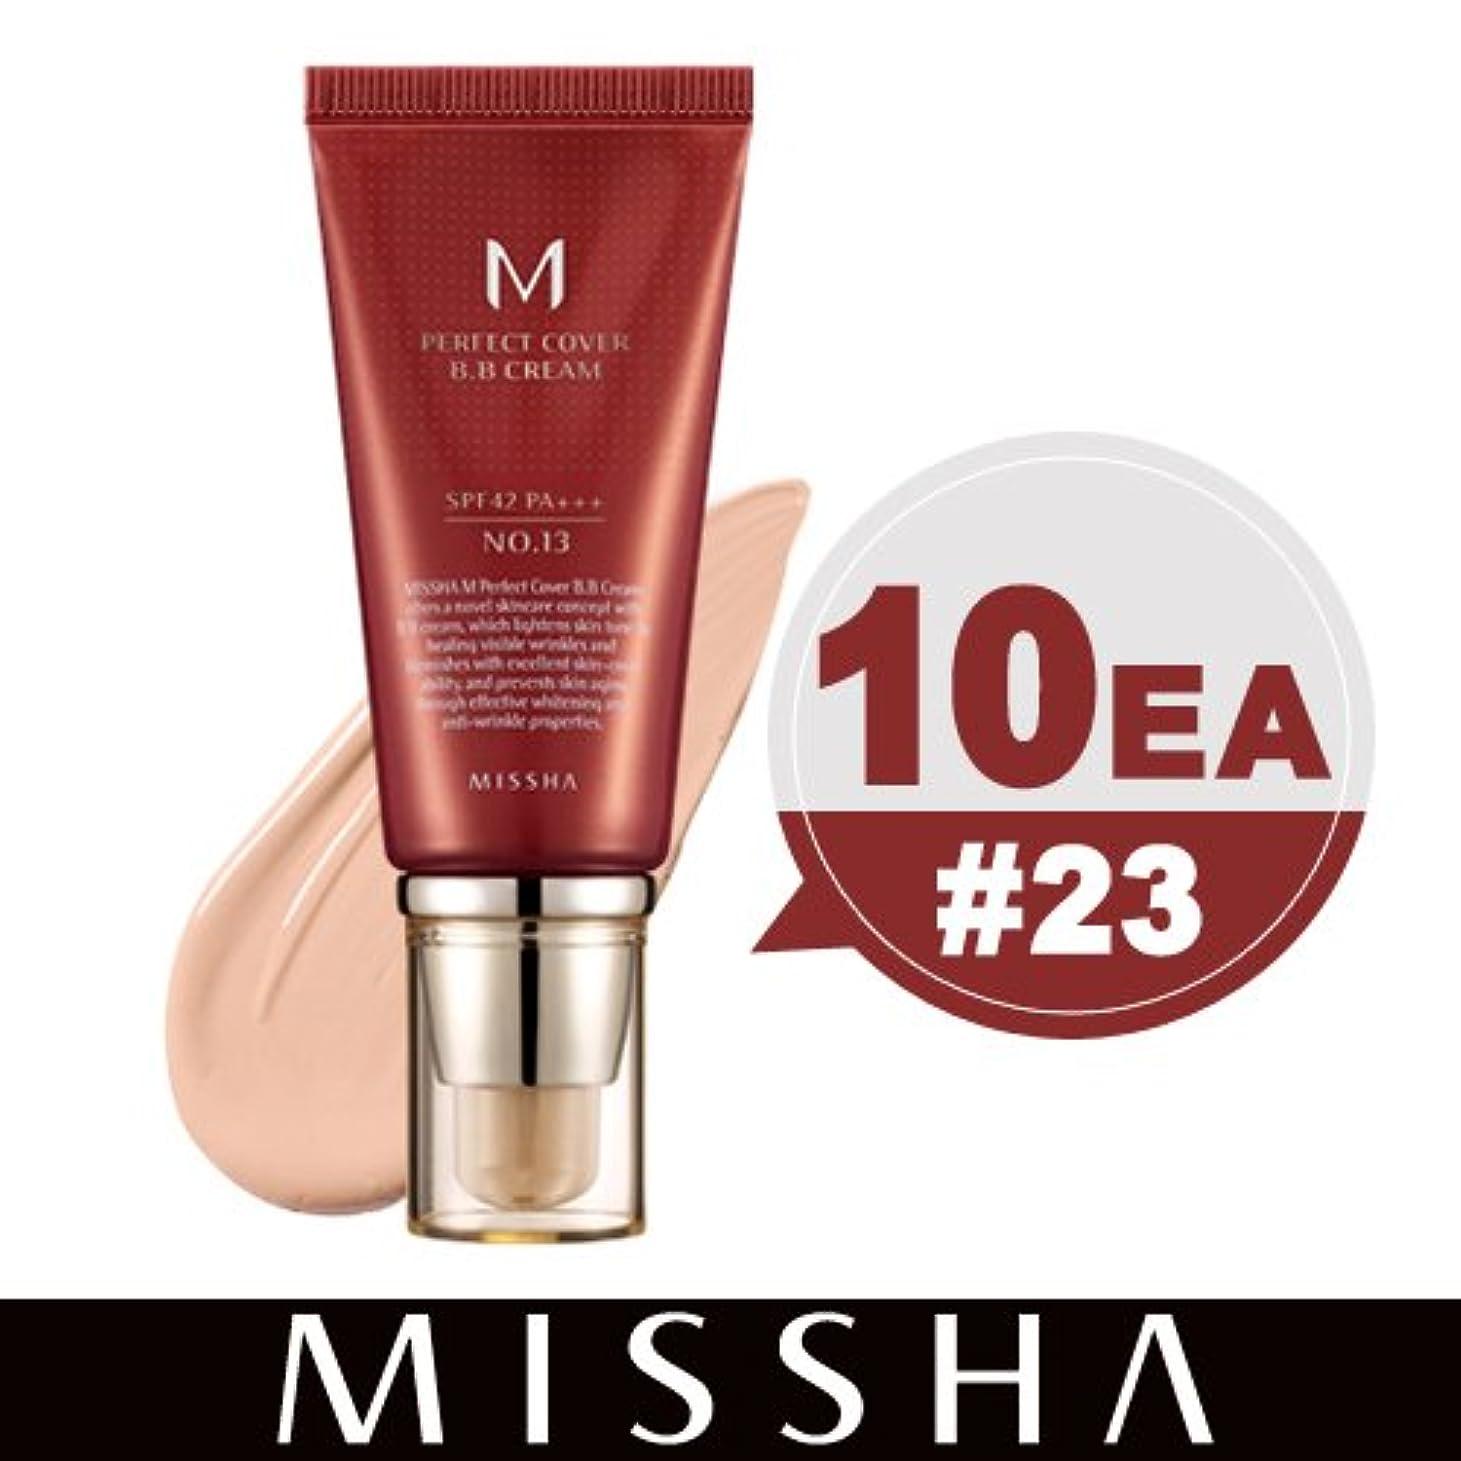 バクテリアメンタル組立[MISSHA/ミシャ] M パーフェクトカバーBBクリーム UV SPF42 PA+++ (No.23)10本 セット [HONEST SKIN海外直送品]